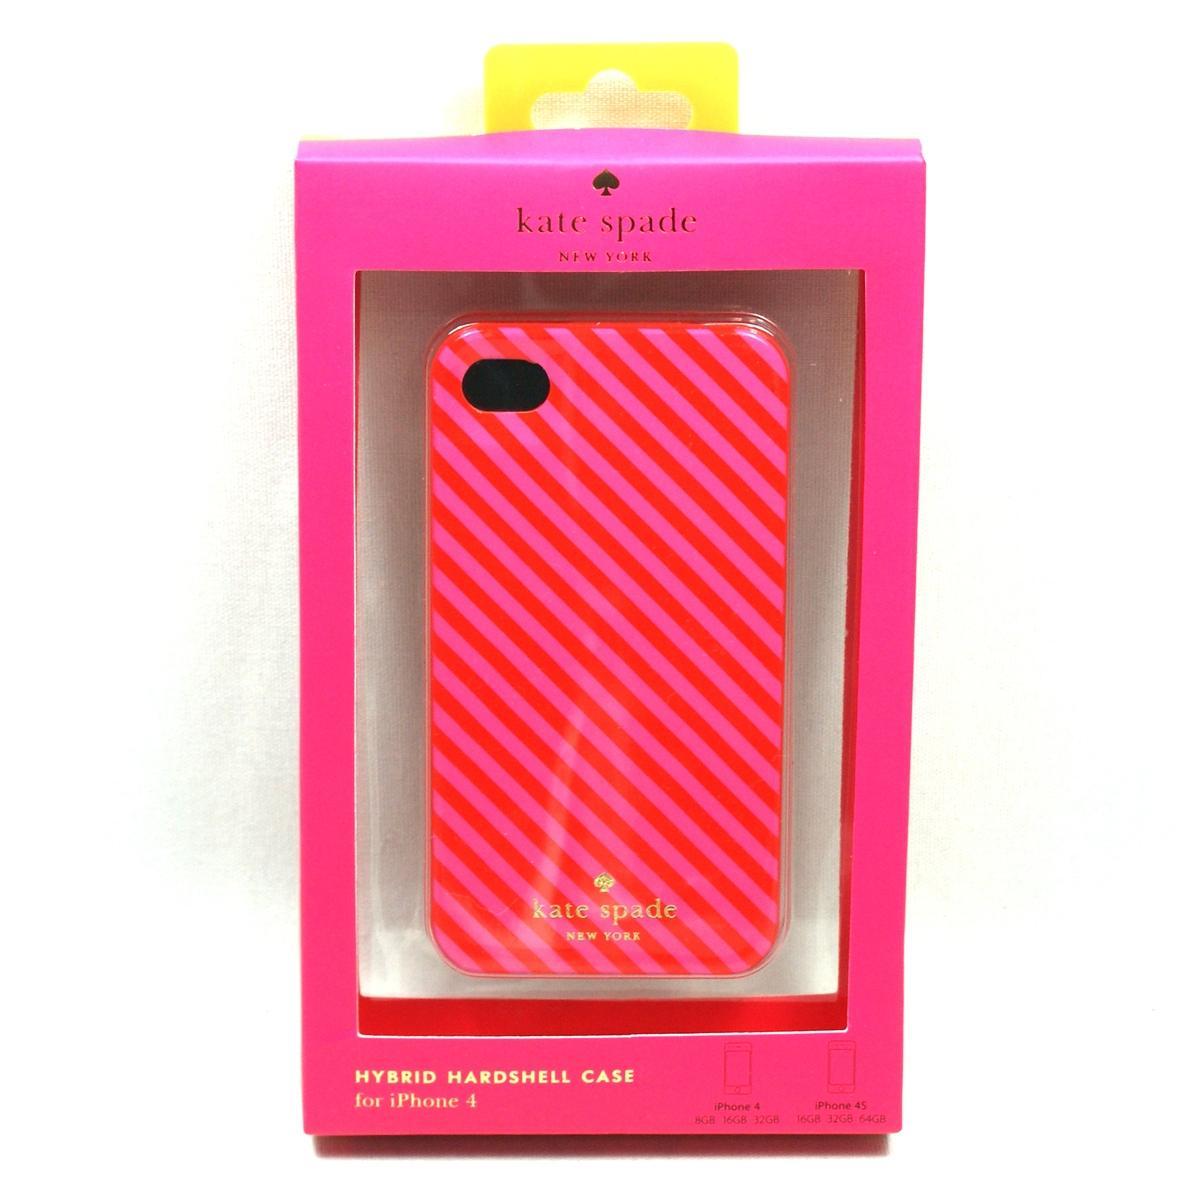 buy popular 4c91b 3d37f Kate Spade IPhone 4 Case Hybrid Hardshell Diangonal Stripe Resin For ...